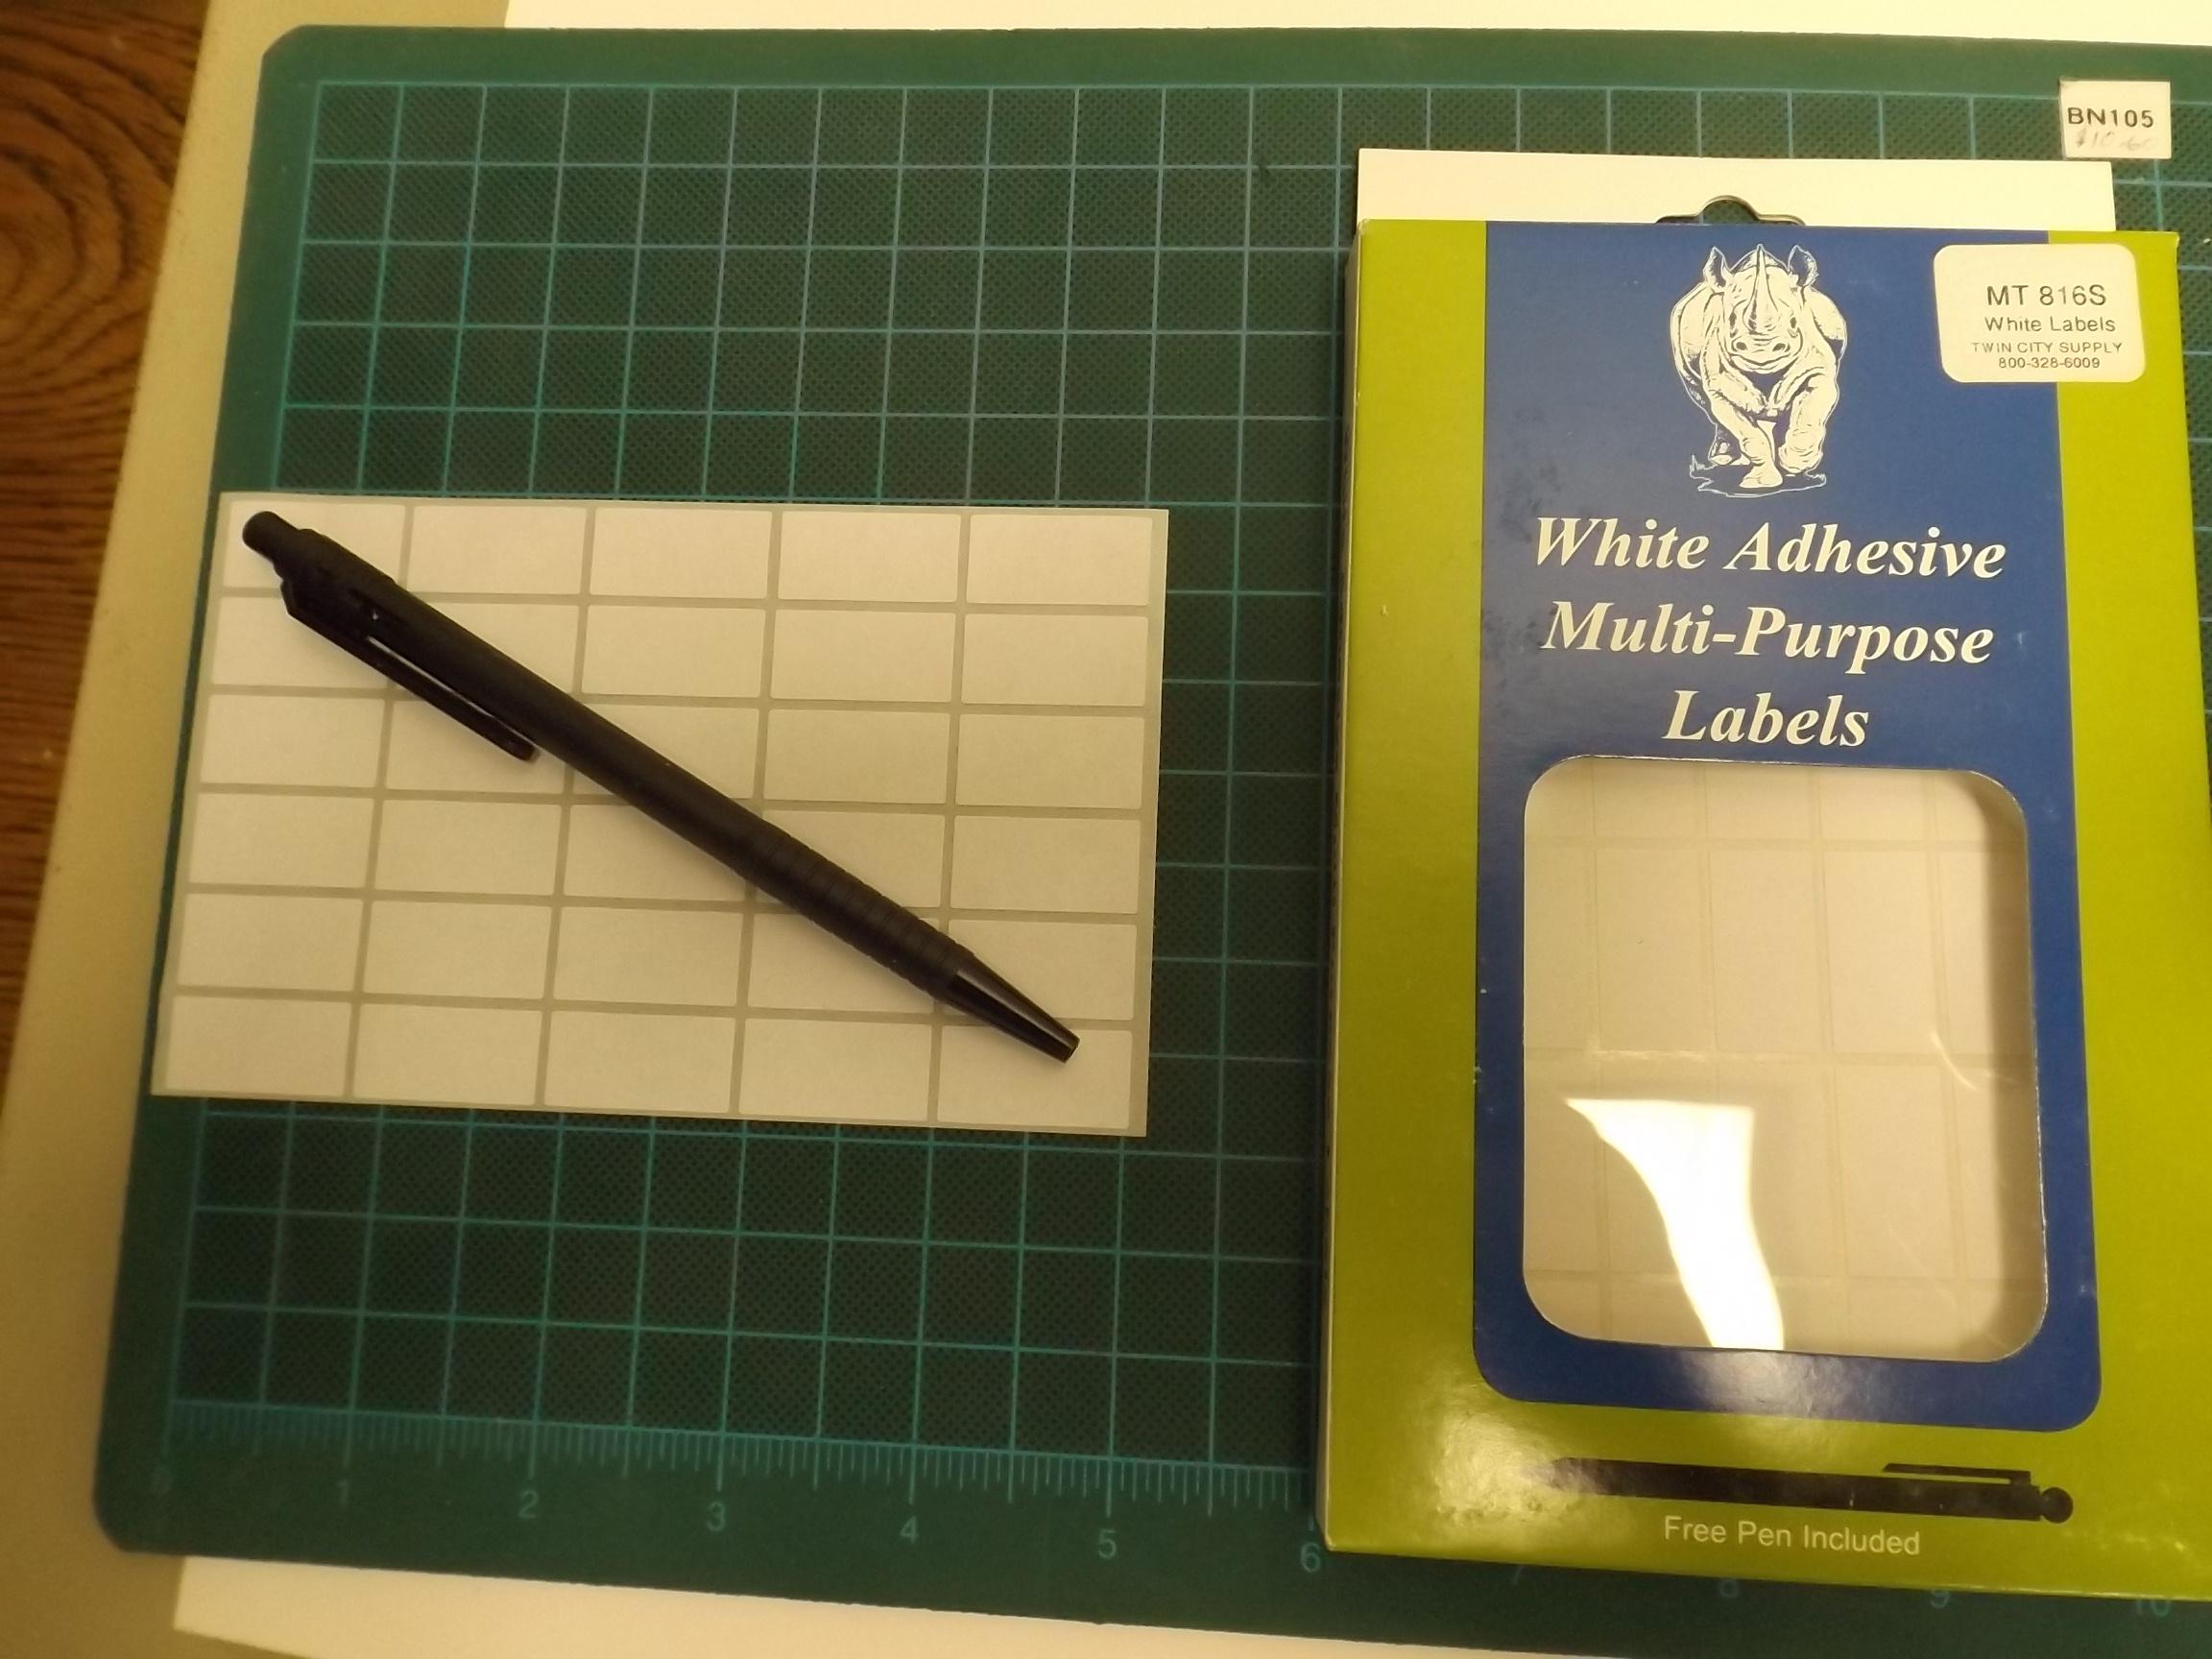 MT816S White Adhesive Multi-Purpose Labels--rectangular